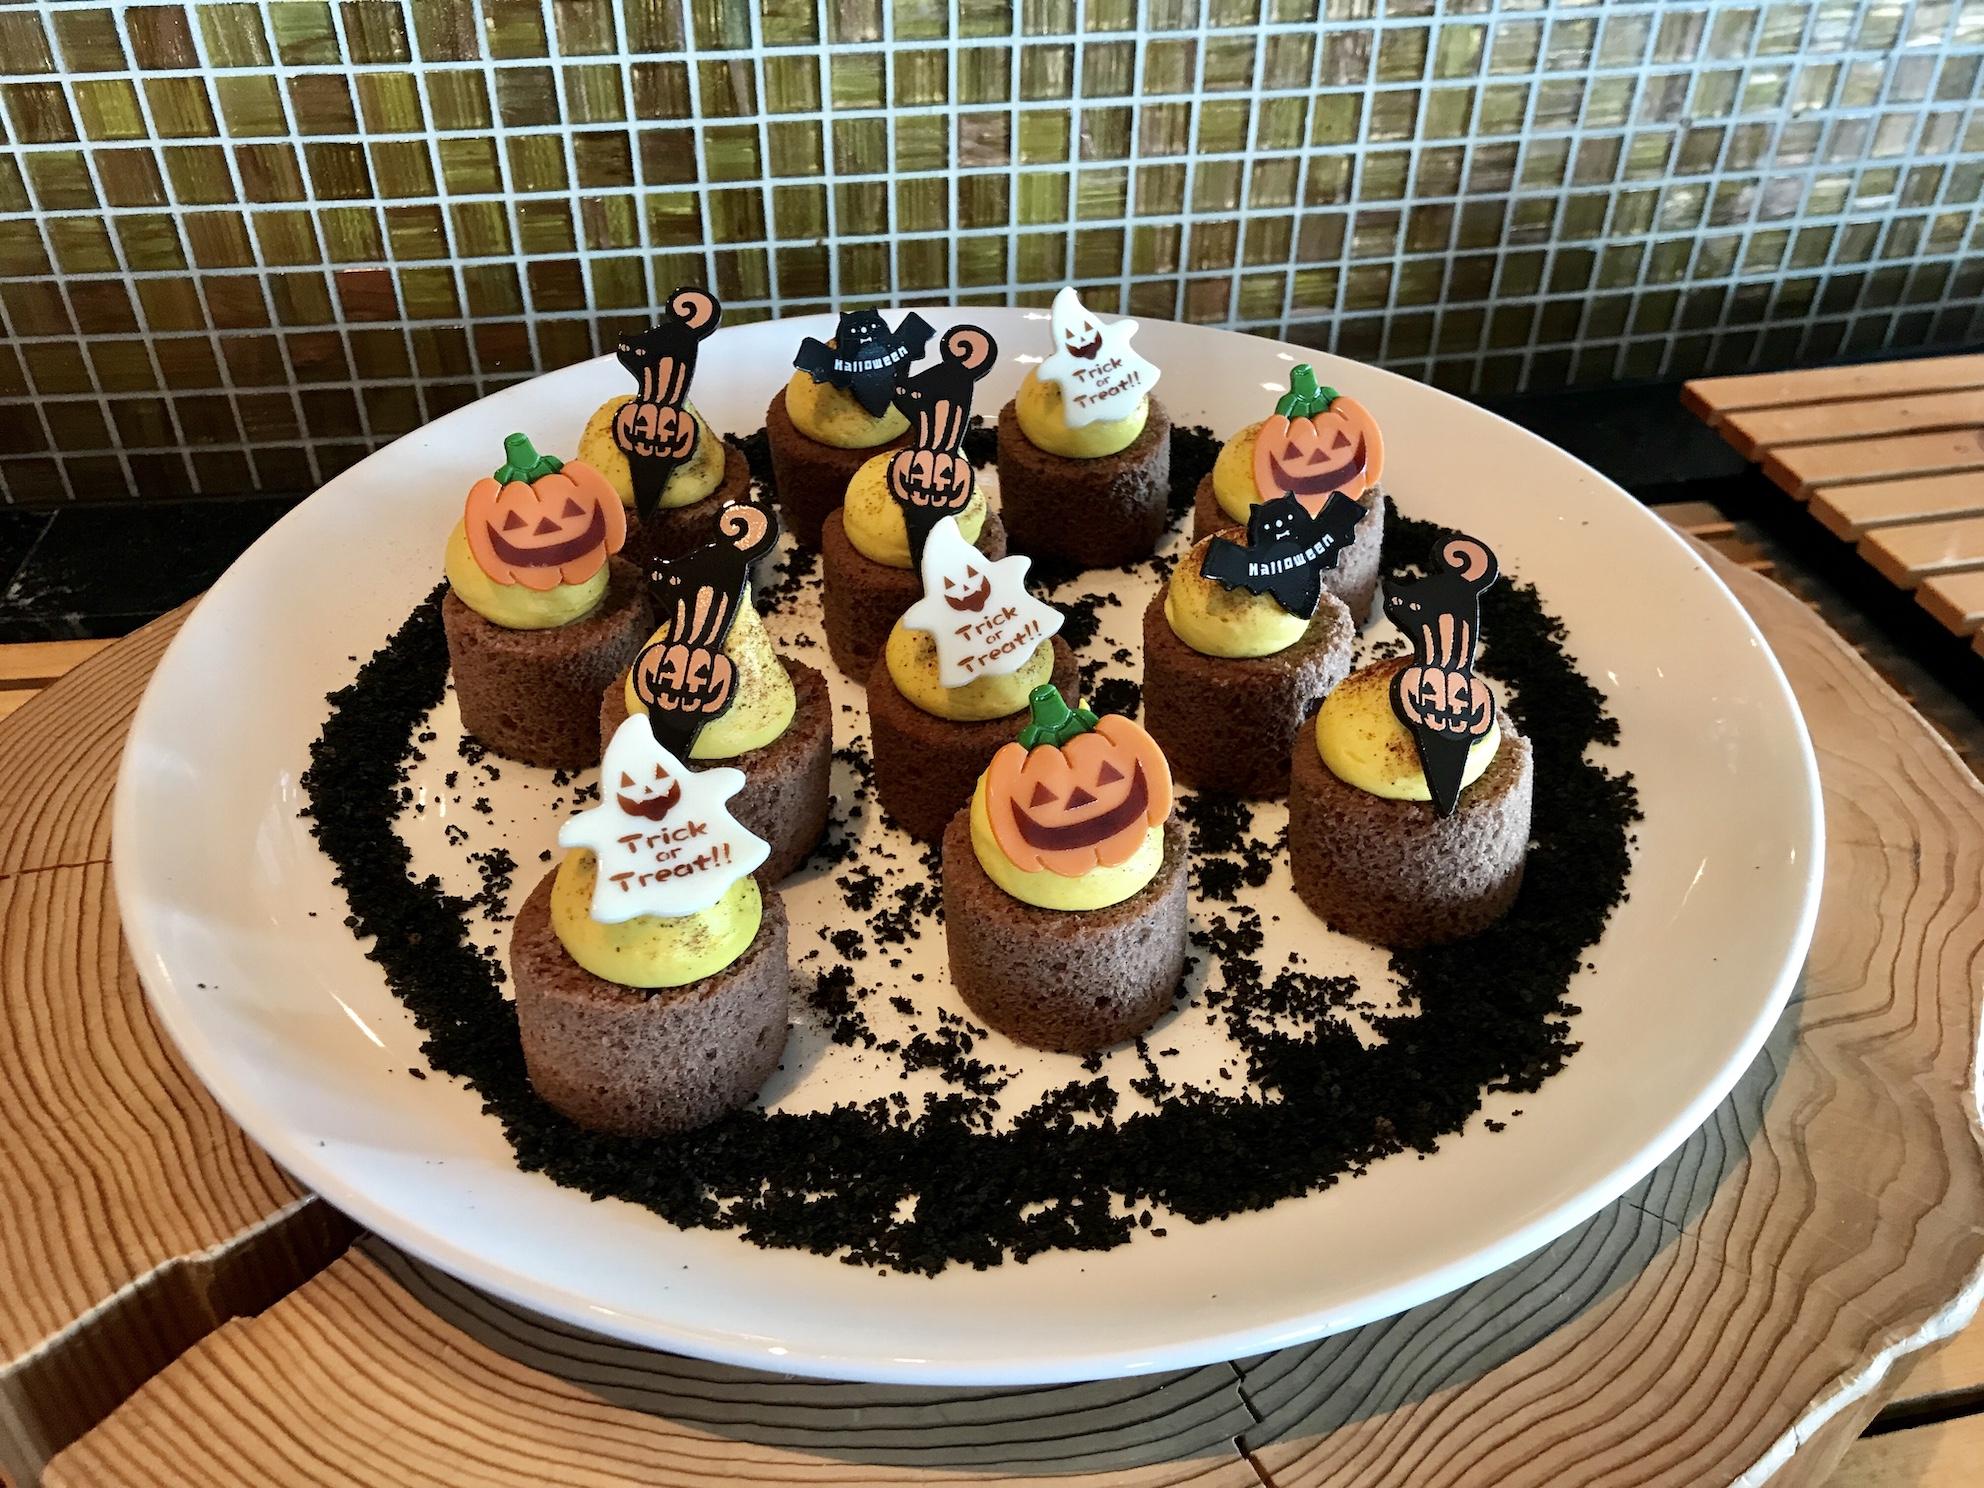 【ハロウィンスイーツブッフェへ出掛けよう!】10/5〜スタート!スイスホテル南海大阪 Swiss Chocoholic Halloween Buffet レセプションに行ってきました。【大阪 難波 なんば】_8